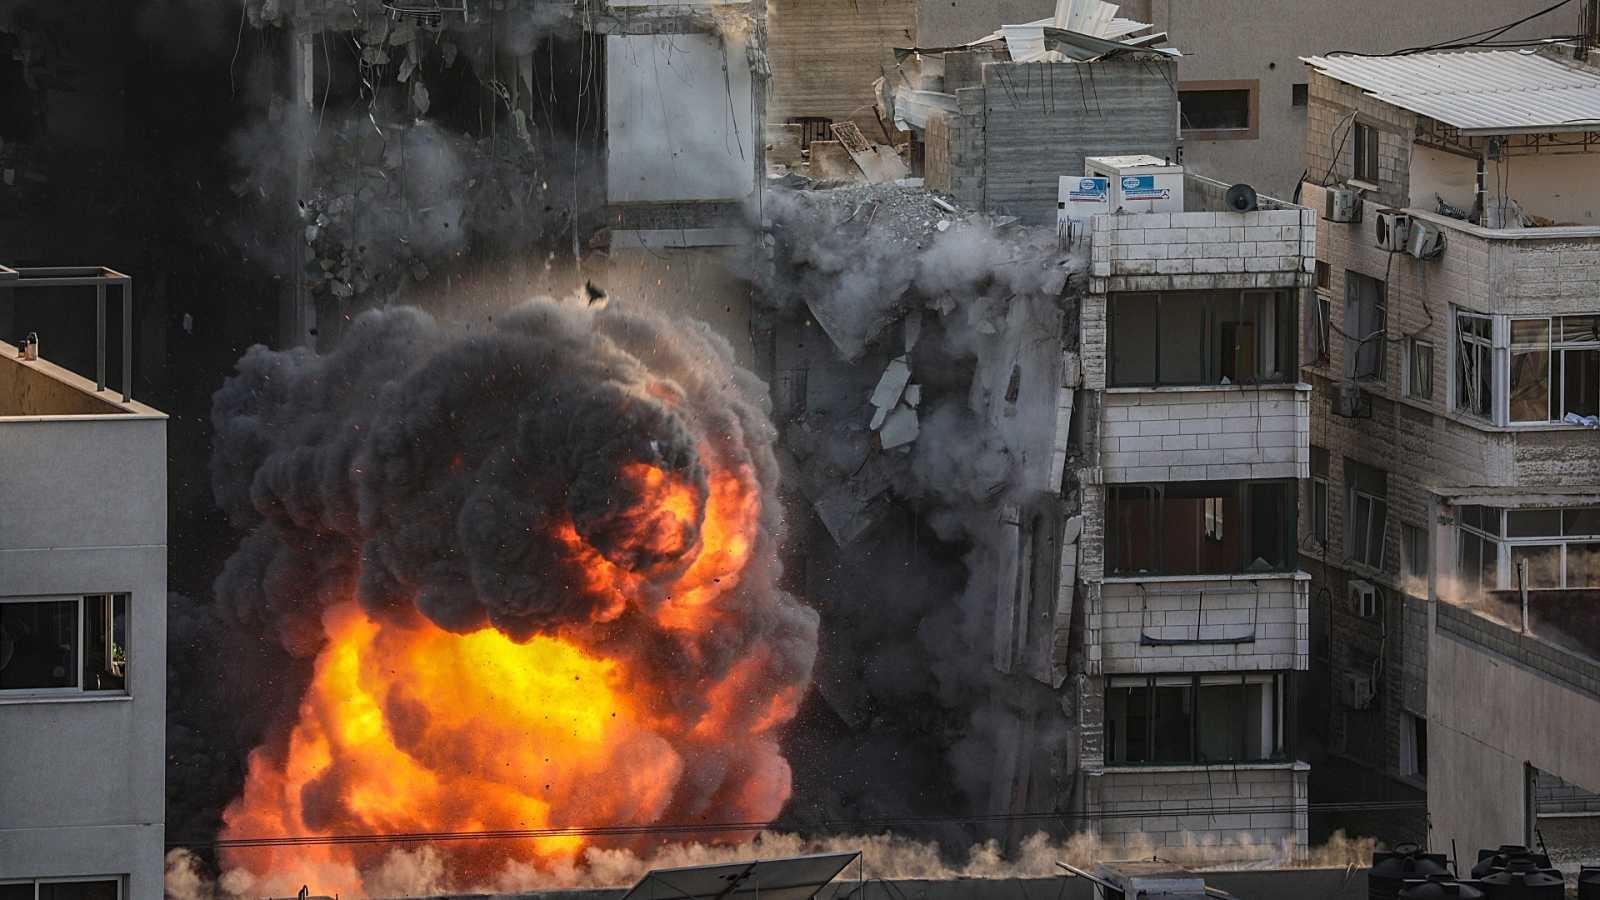 El intercambio de misiles entre Gaza e Israel no cesa por tercera jornada consecutiva